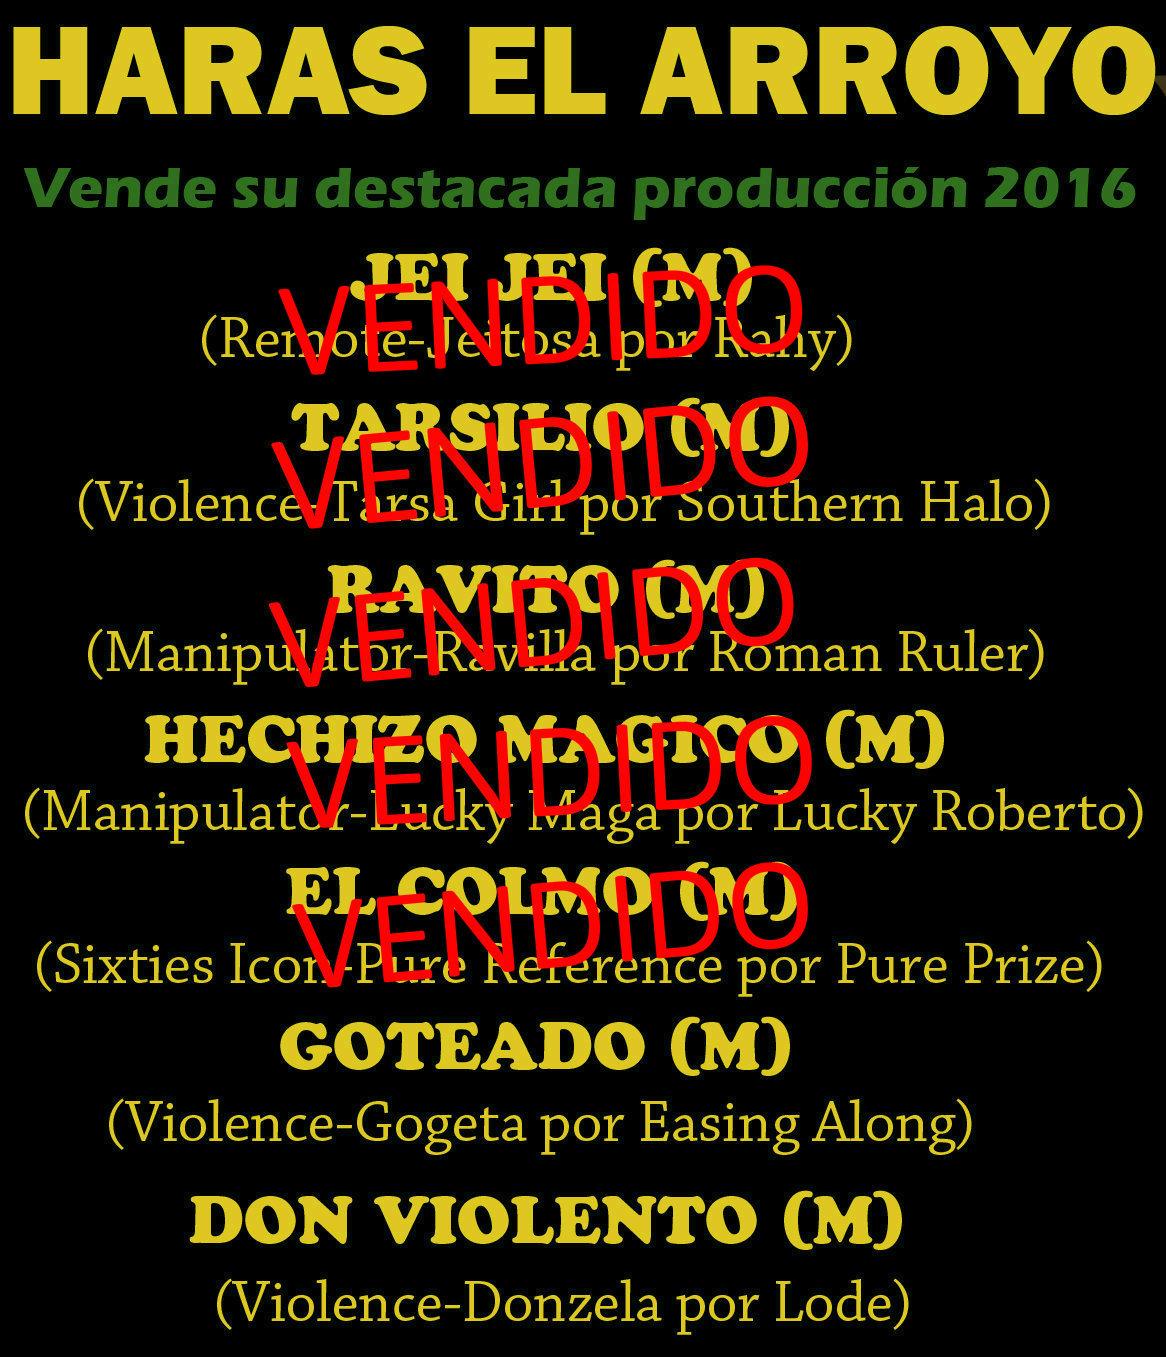 HS EL ARROYO PROD 1 E